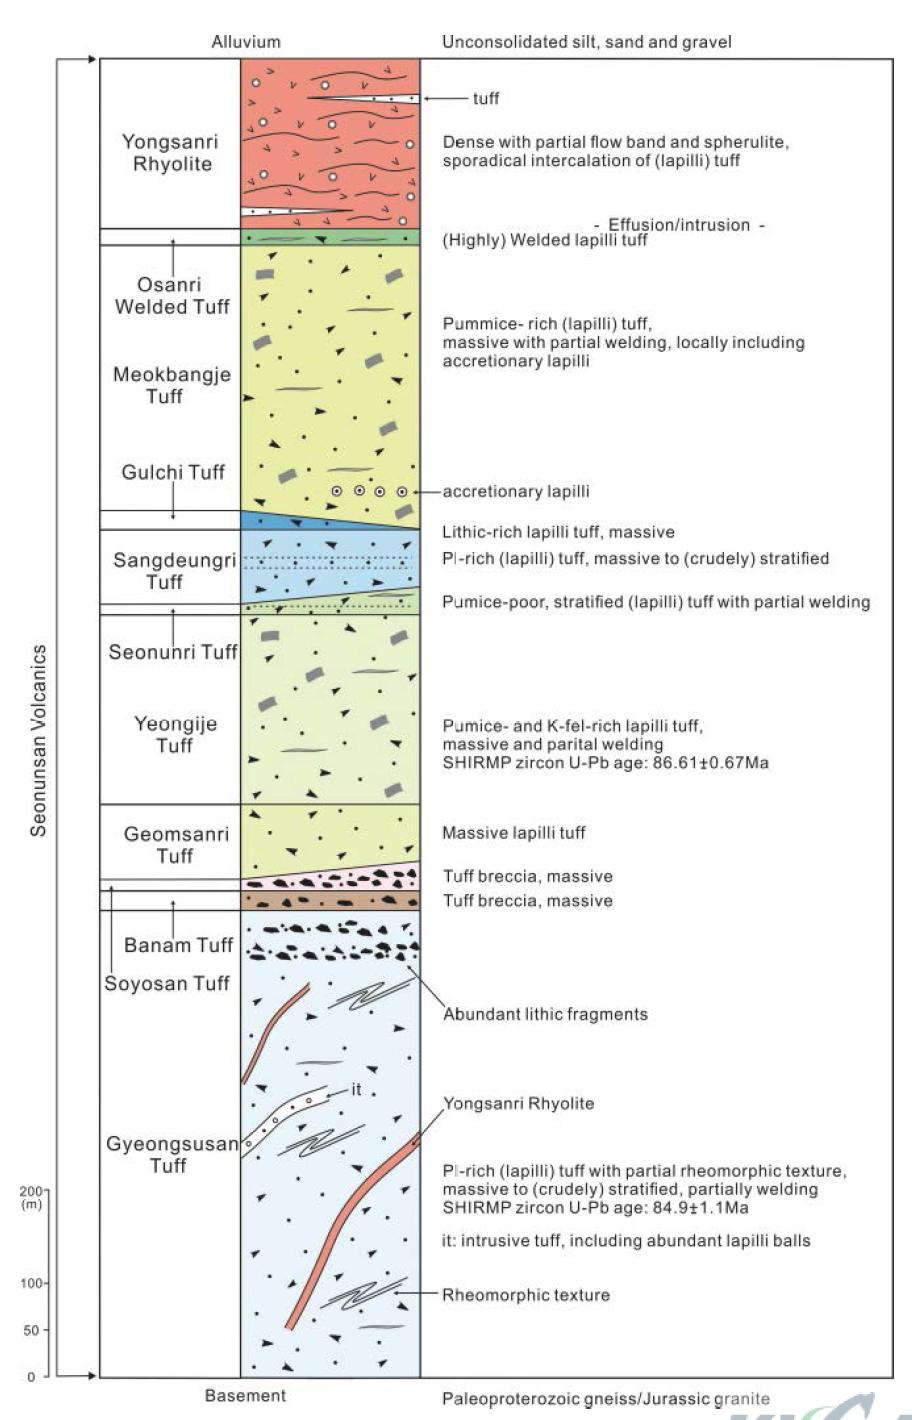 선운산화산을 구성하고 있는 암상단위들의 간단한 기재를 나타내는 모식도.